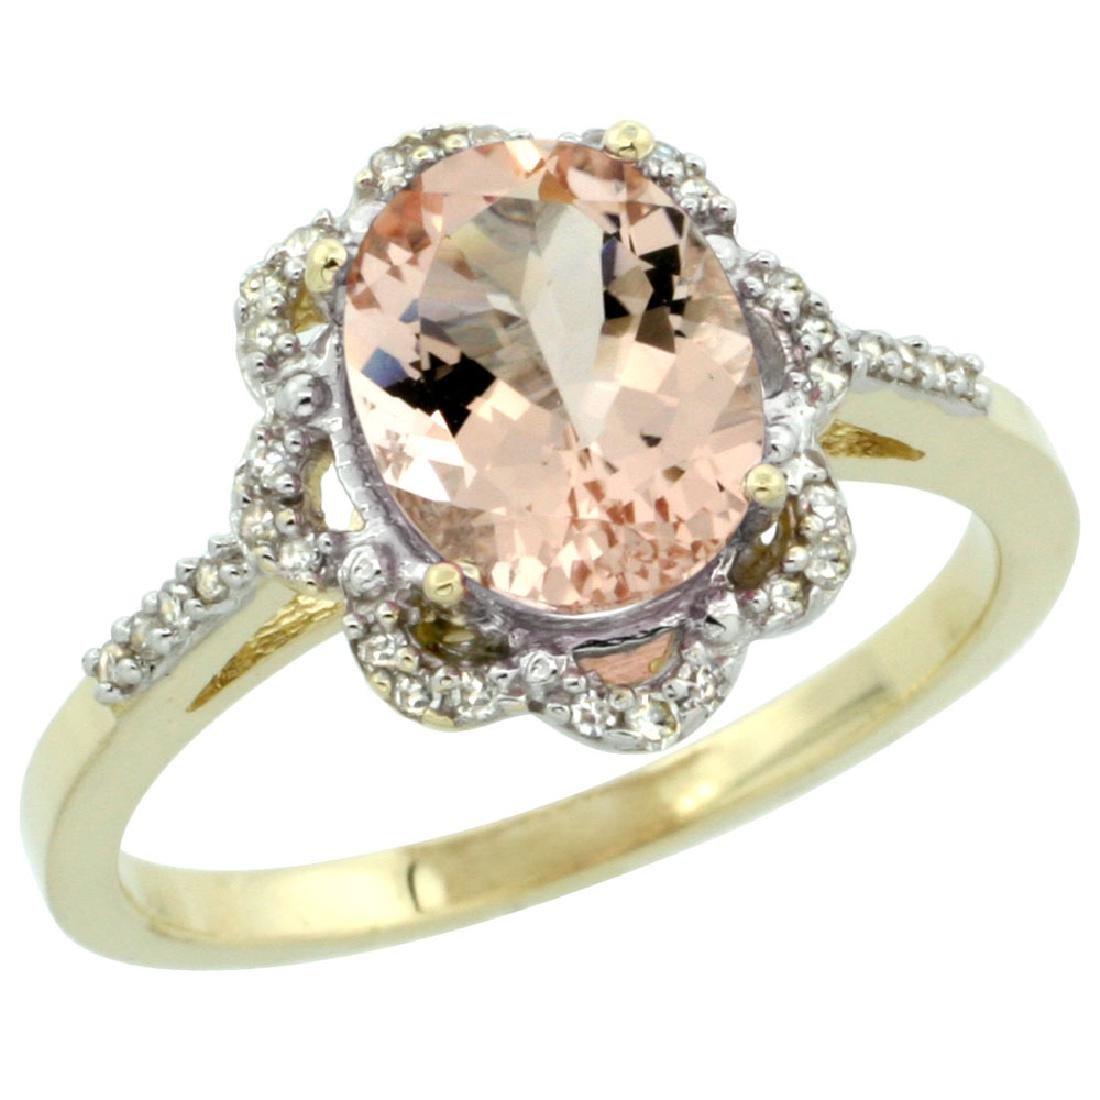 Natural 1.8 ctw Morganite & Diamond Engagement Ring 14K